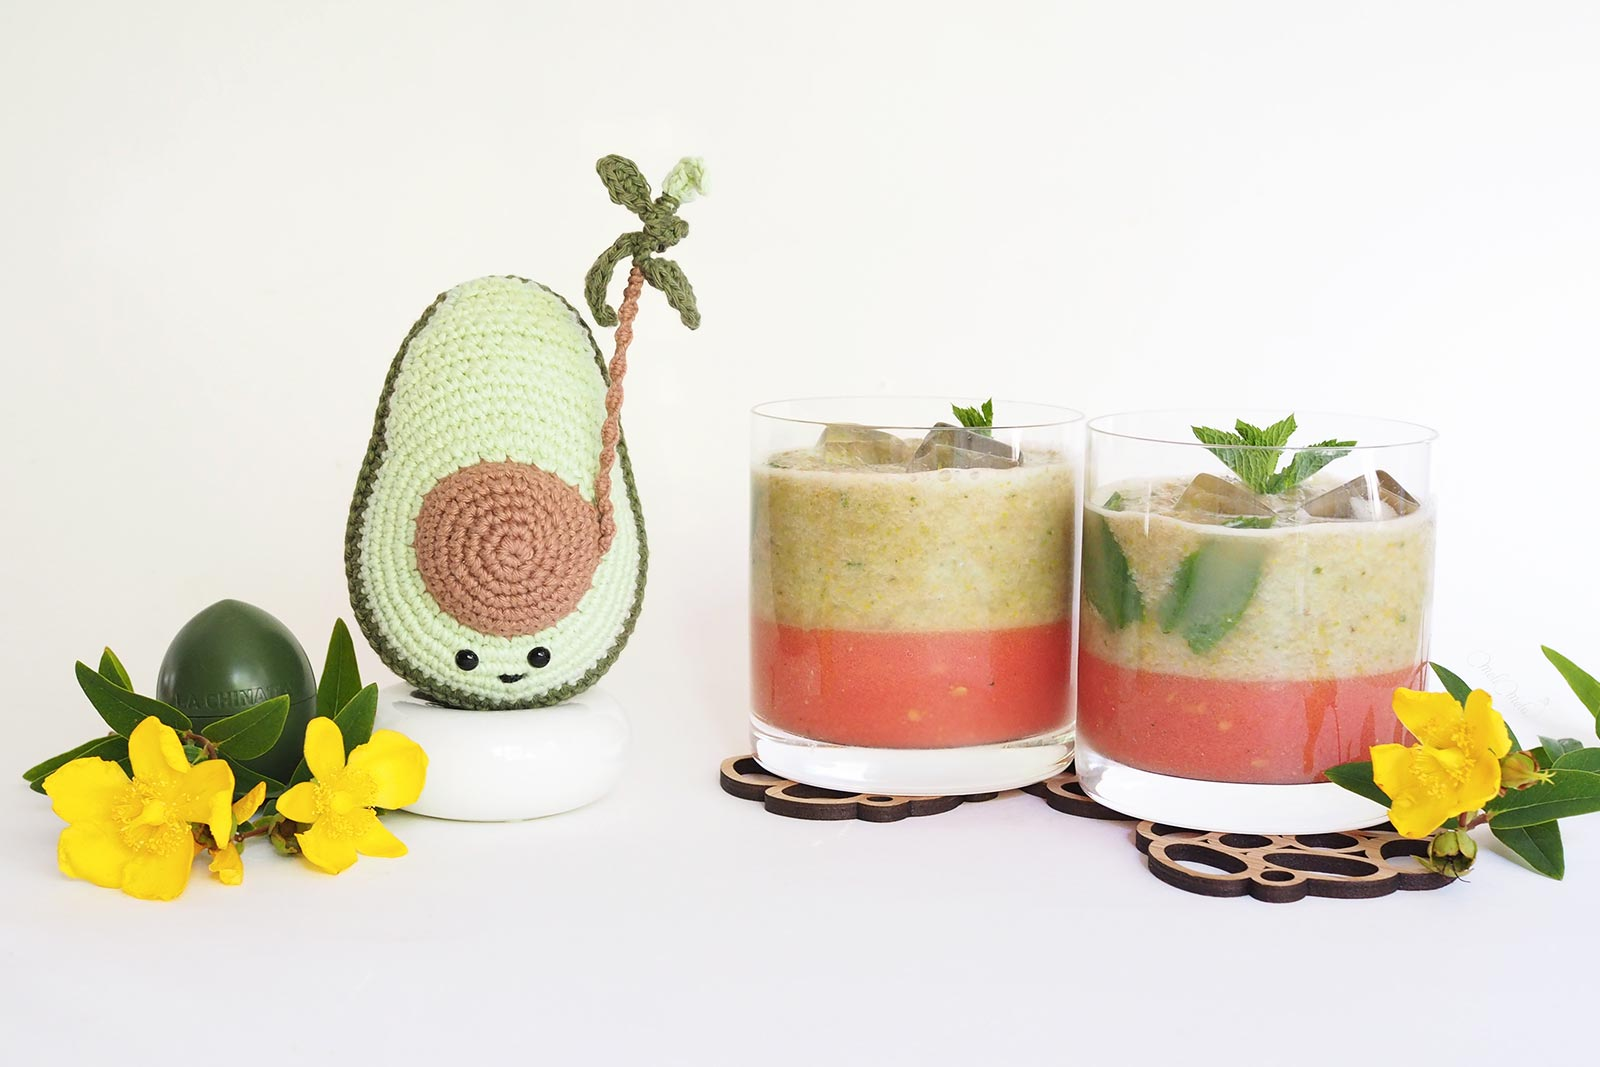 recette fraîche pousses soja avocat crochet serial crocheteuses more 441 mafabriquebykaro laboutiquedemelimelo